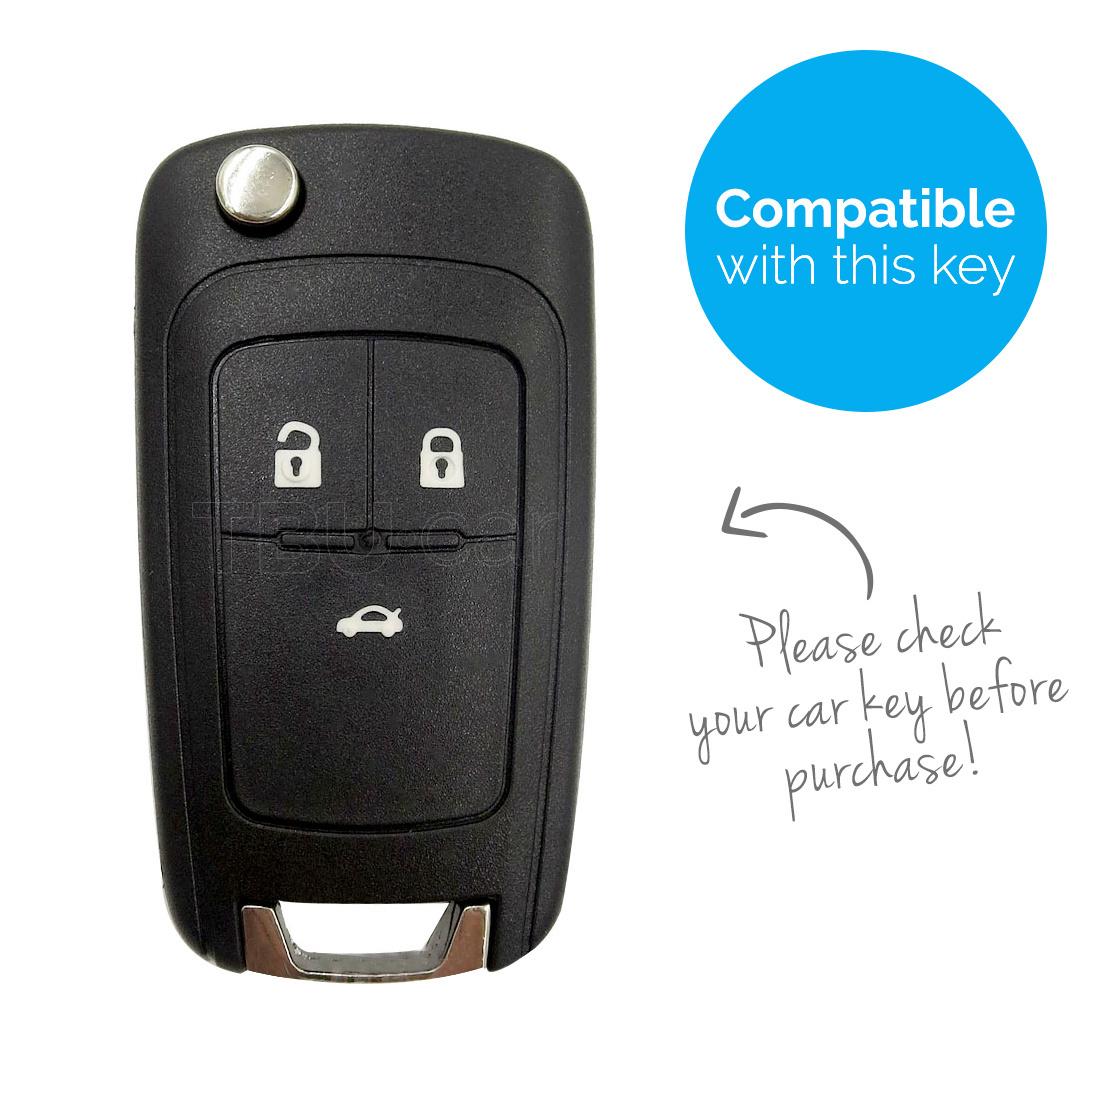 TBU car TBU car Sleutel cover compatibel met Opel - Silicone sleutelhoesje - beschermhoesje autosleutel - Wit